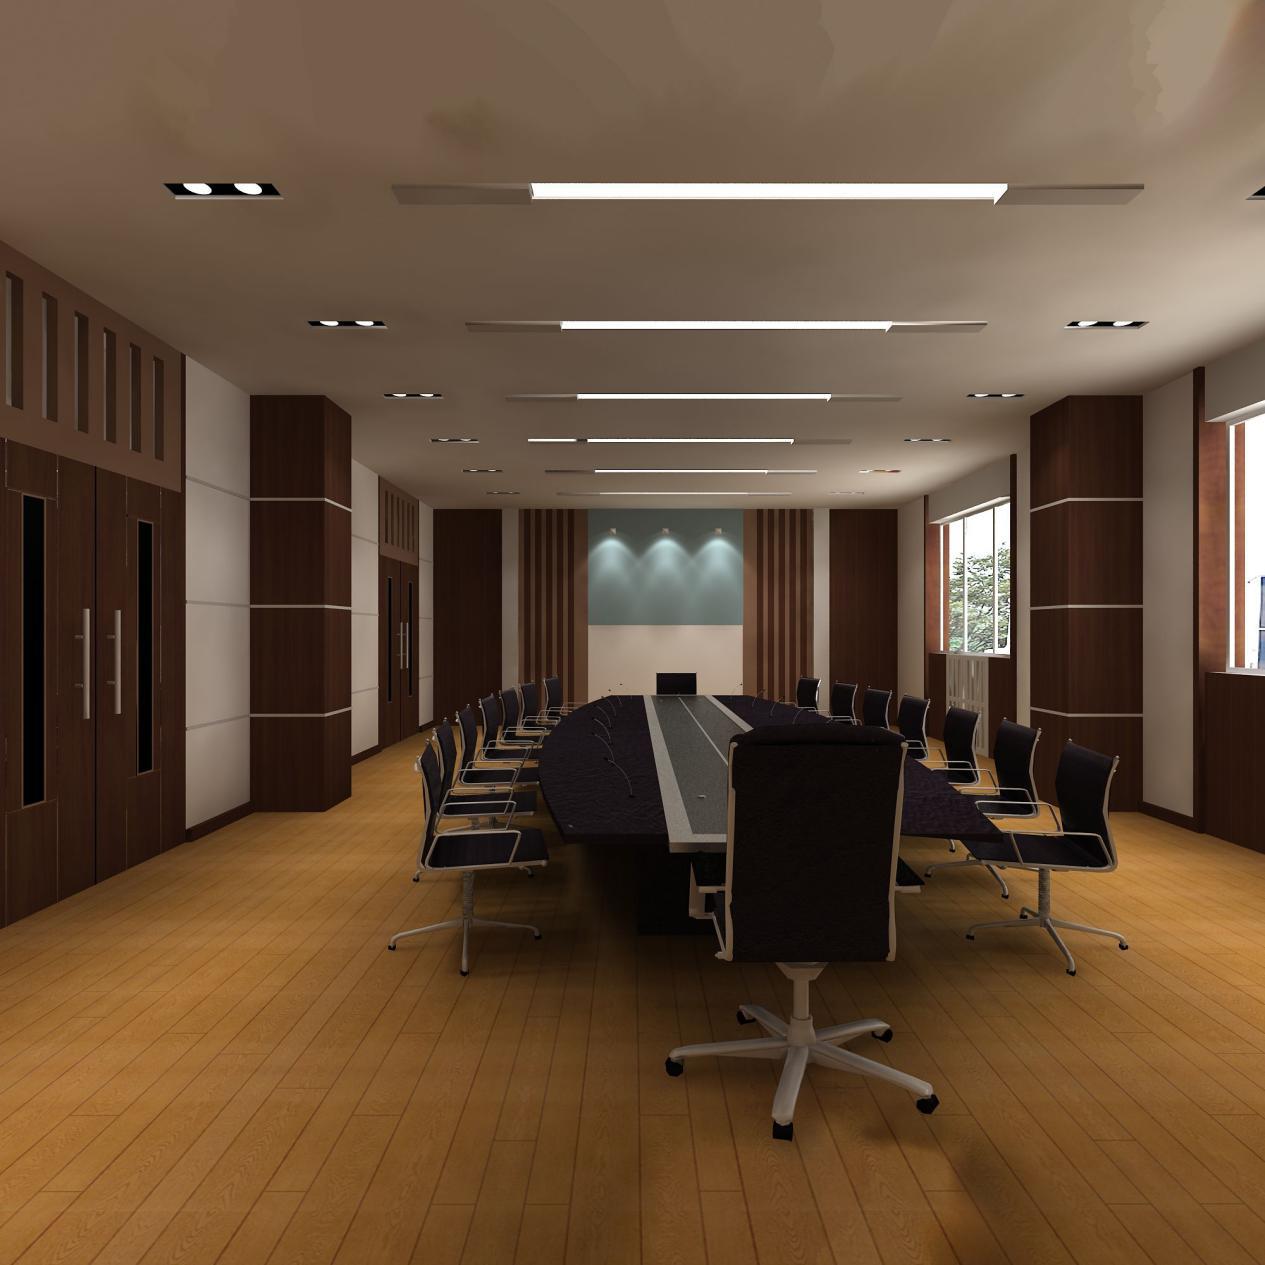 会议室报告厅音箱多少钱